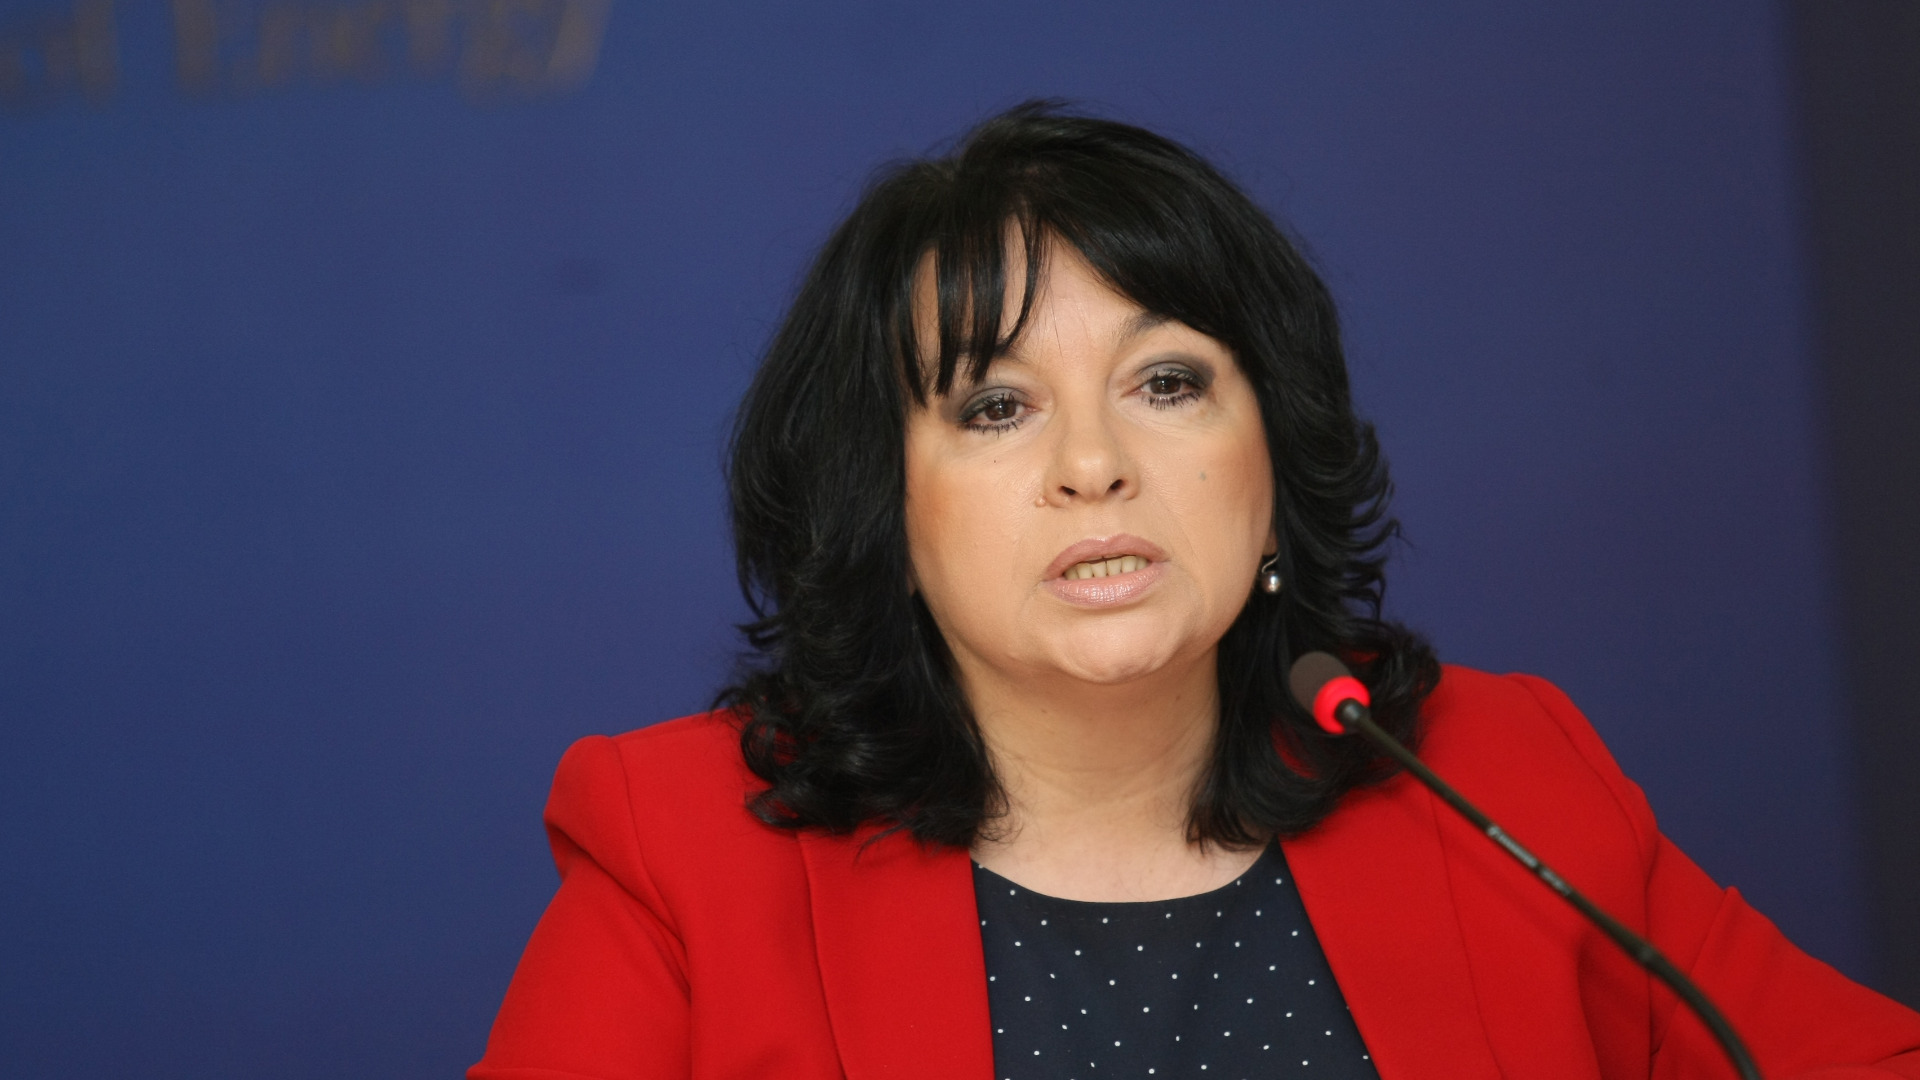 Βουλγαρική προεδρία της Ε.Ε.: Ορόσημο το 2108 για την βελτίωση της ενεργειακής απόδοσης των κατοικιών